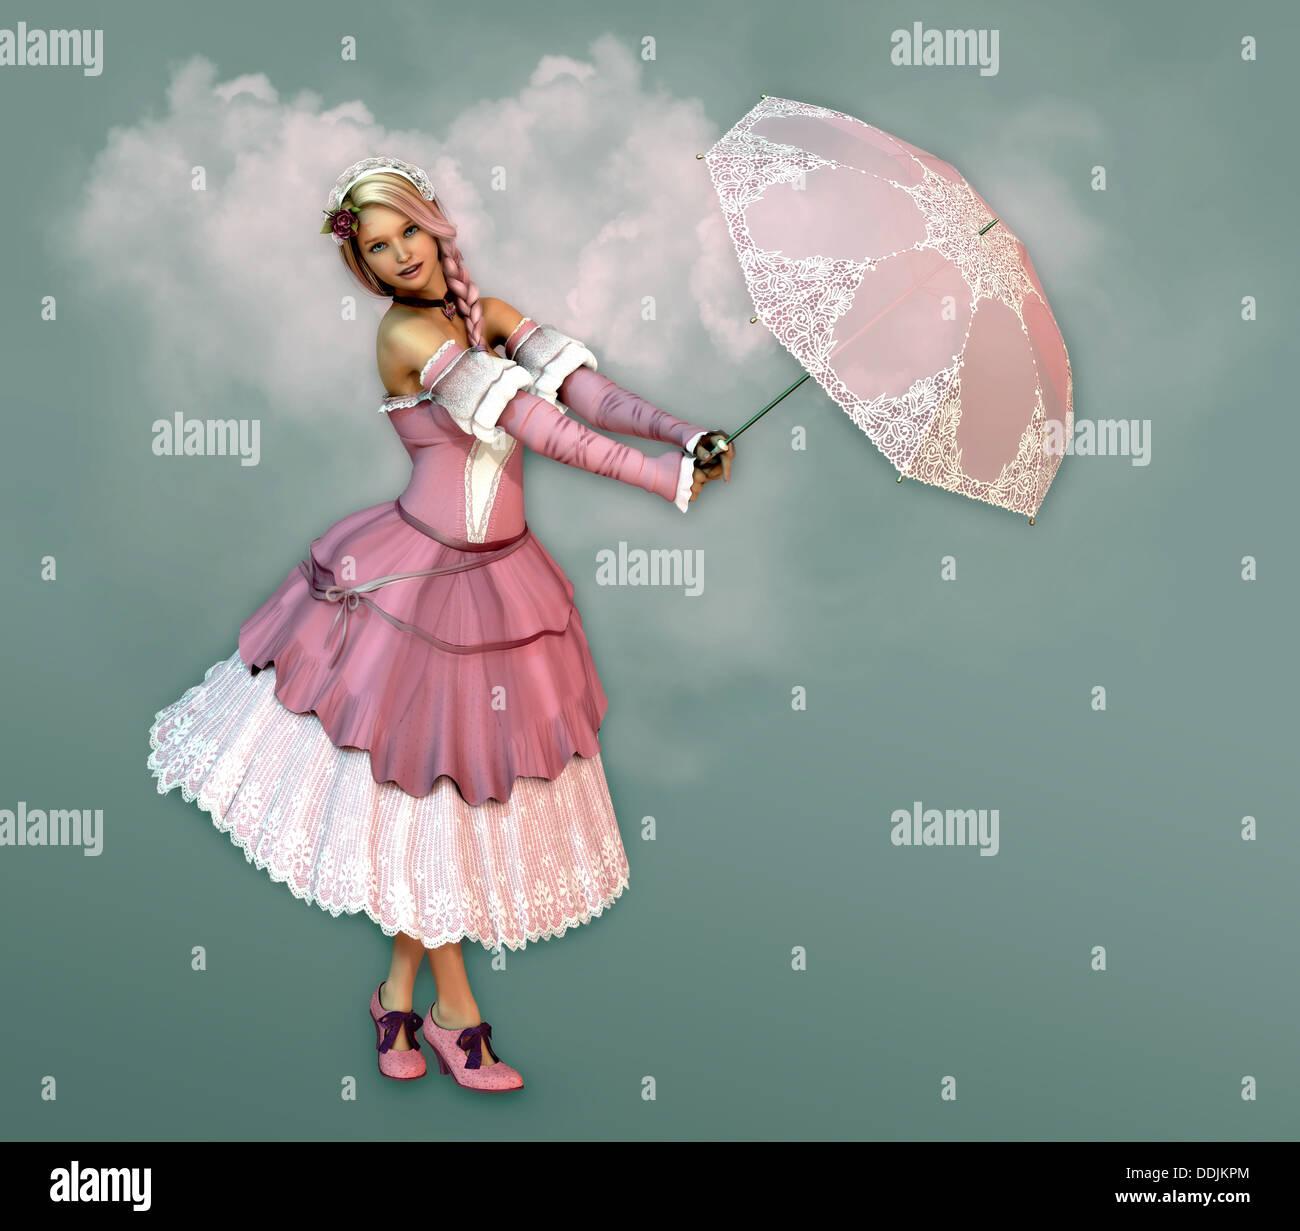 3D Computergrafik eines Mädchens in einem Kleid in der Französisch-romantischen Stil und ein Sonnenschirm Stockfoto